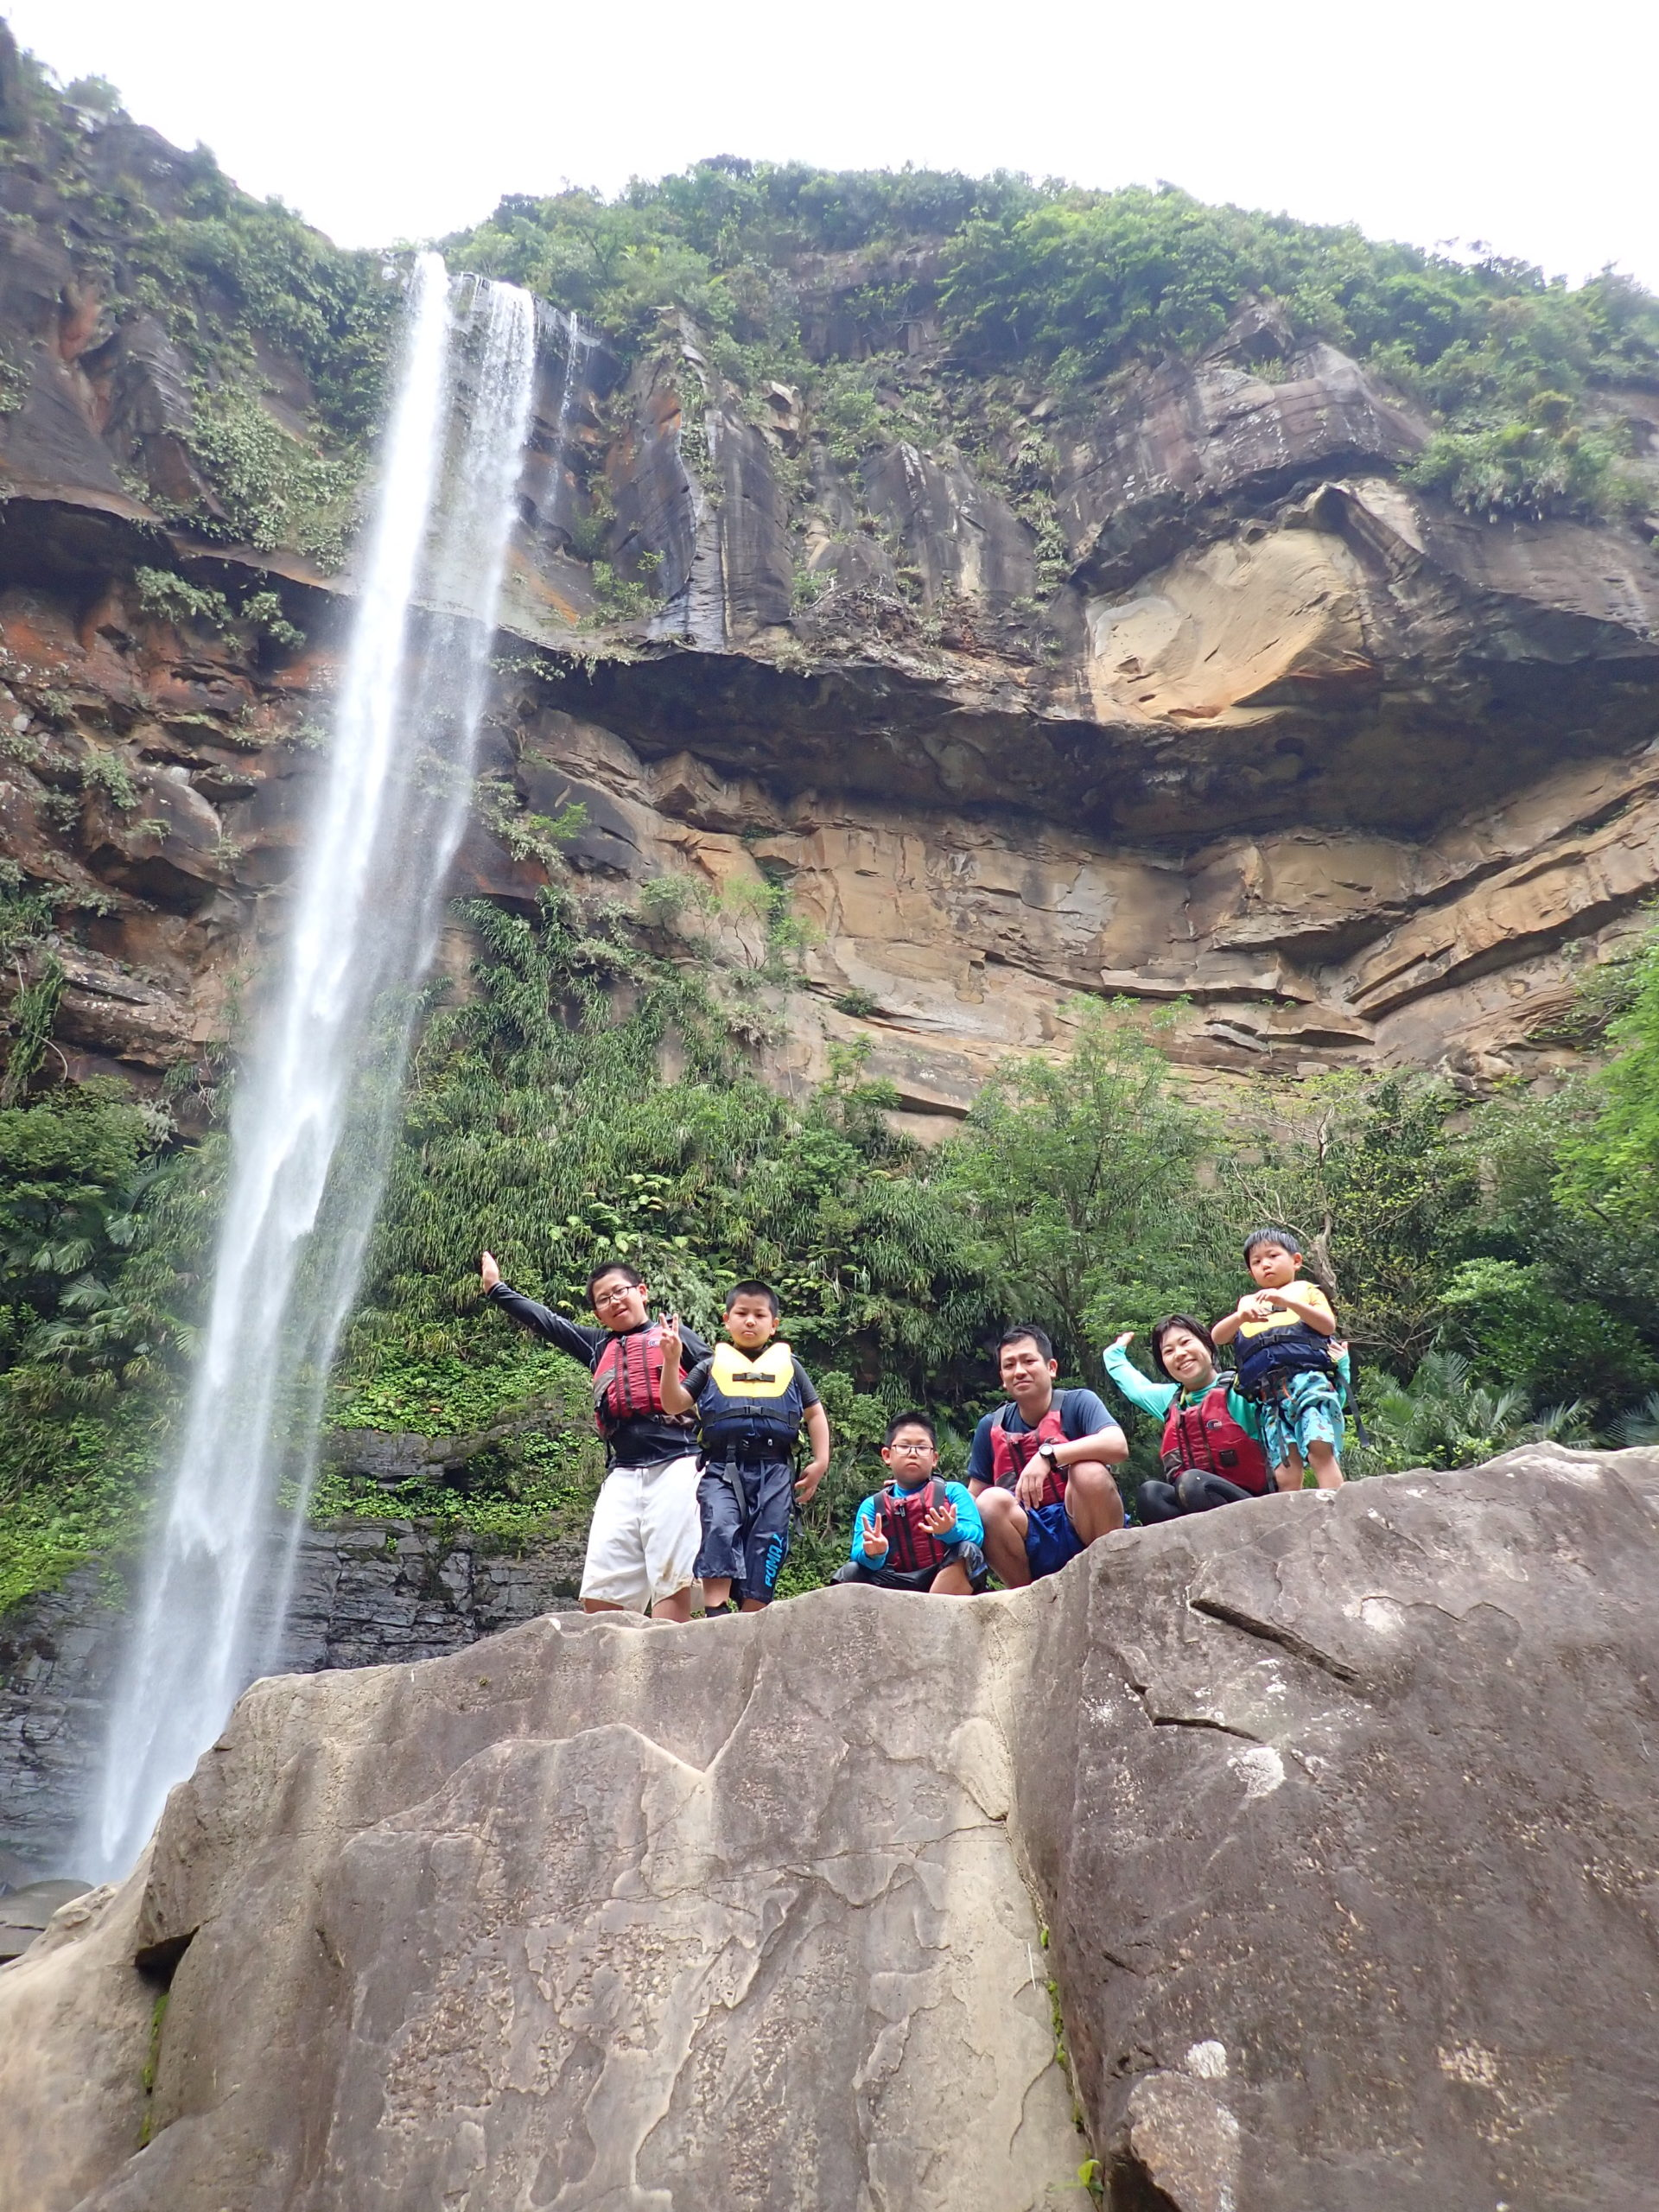 大家族が西表島にやって来た!にぎやか兄弟と行く、ピナイサーラの滝カヌーツアー!